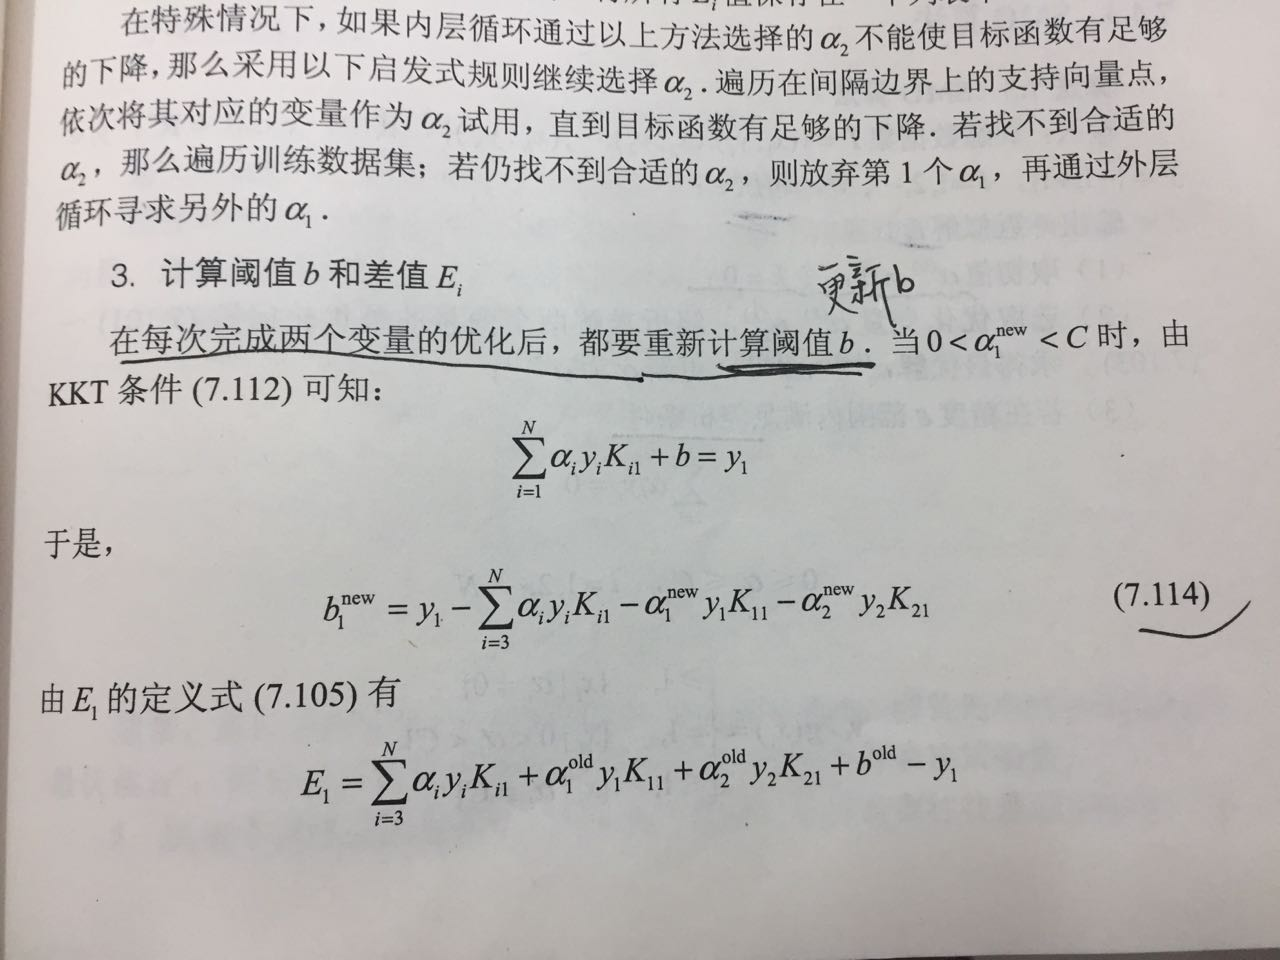 计算阈值b和差值E_i